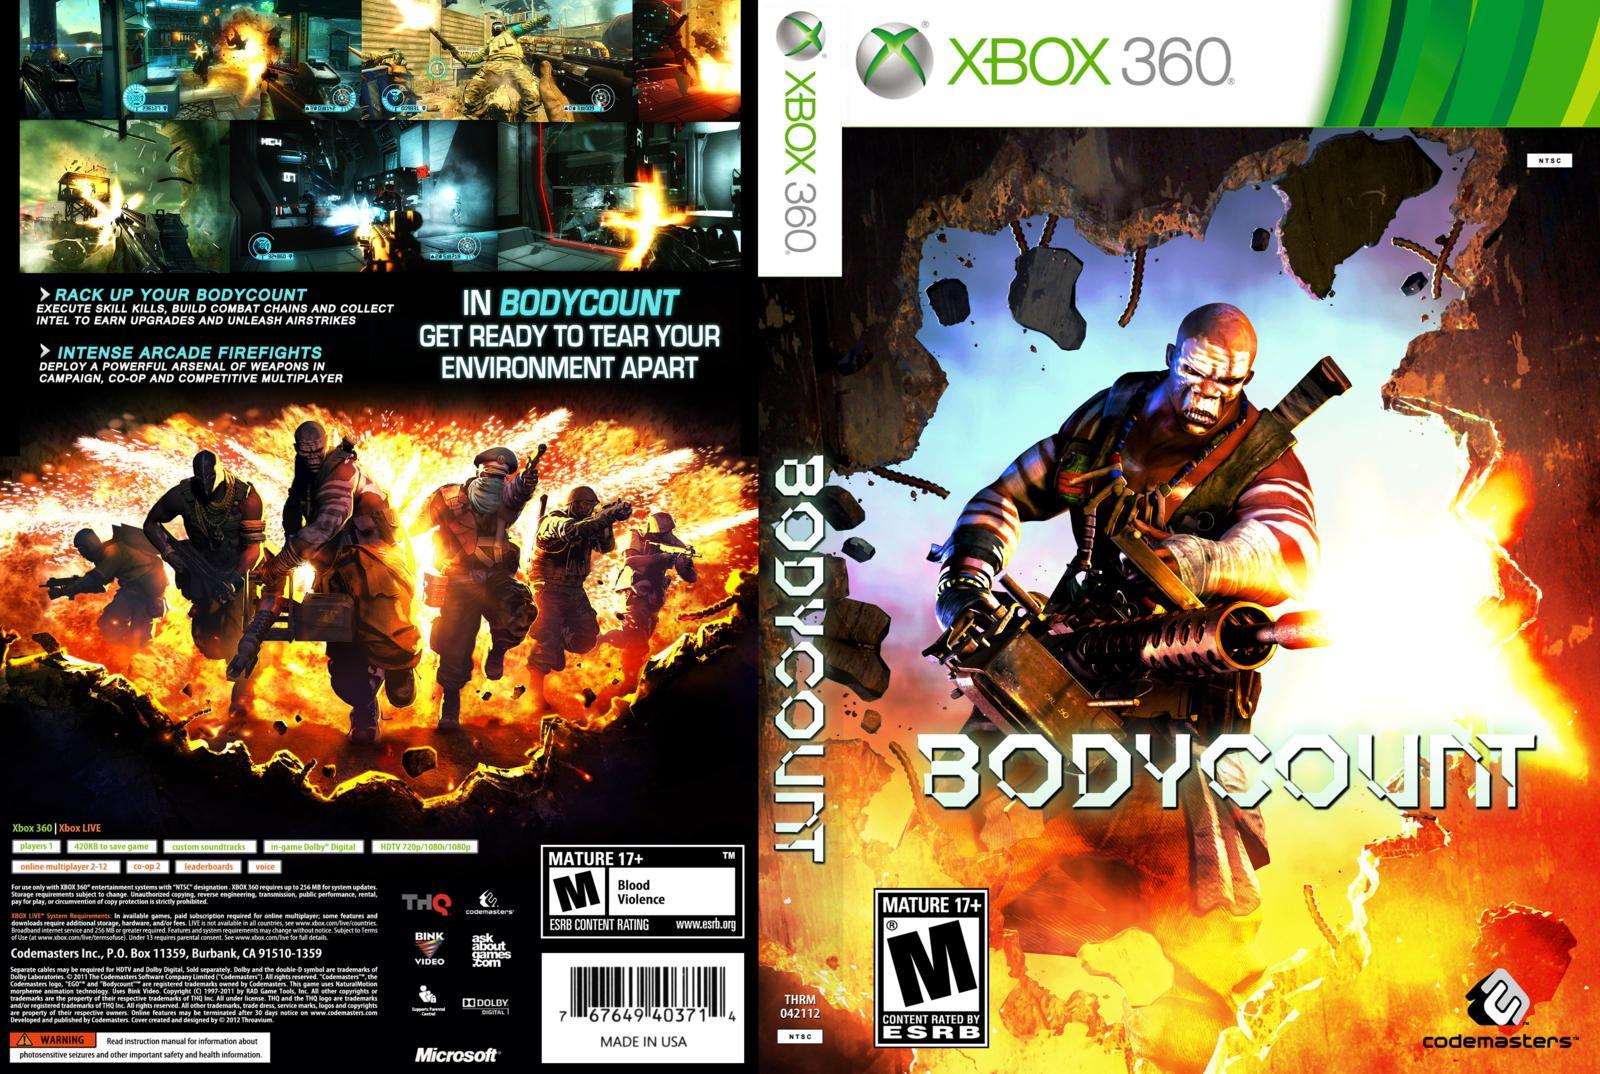 XBOX360: F.P.SXbox 360 Games Covers